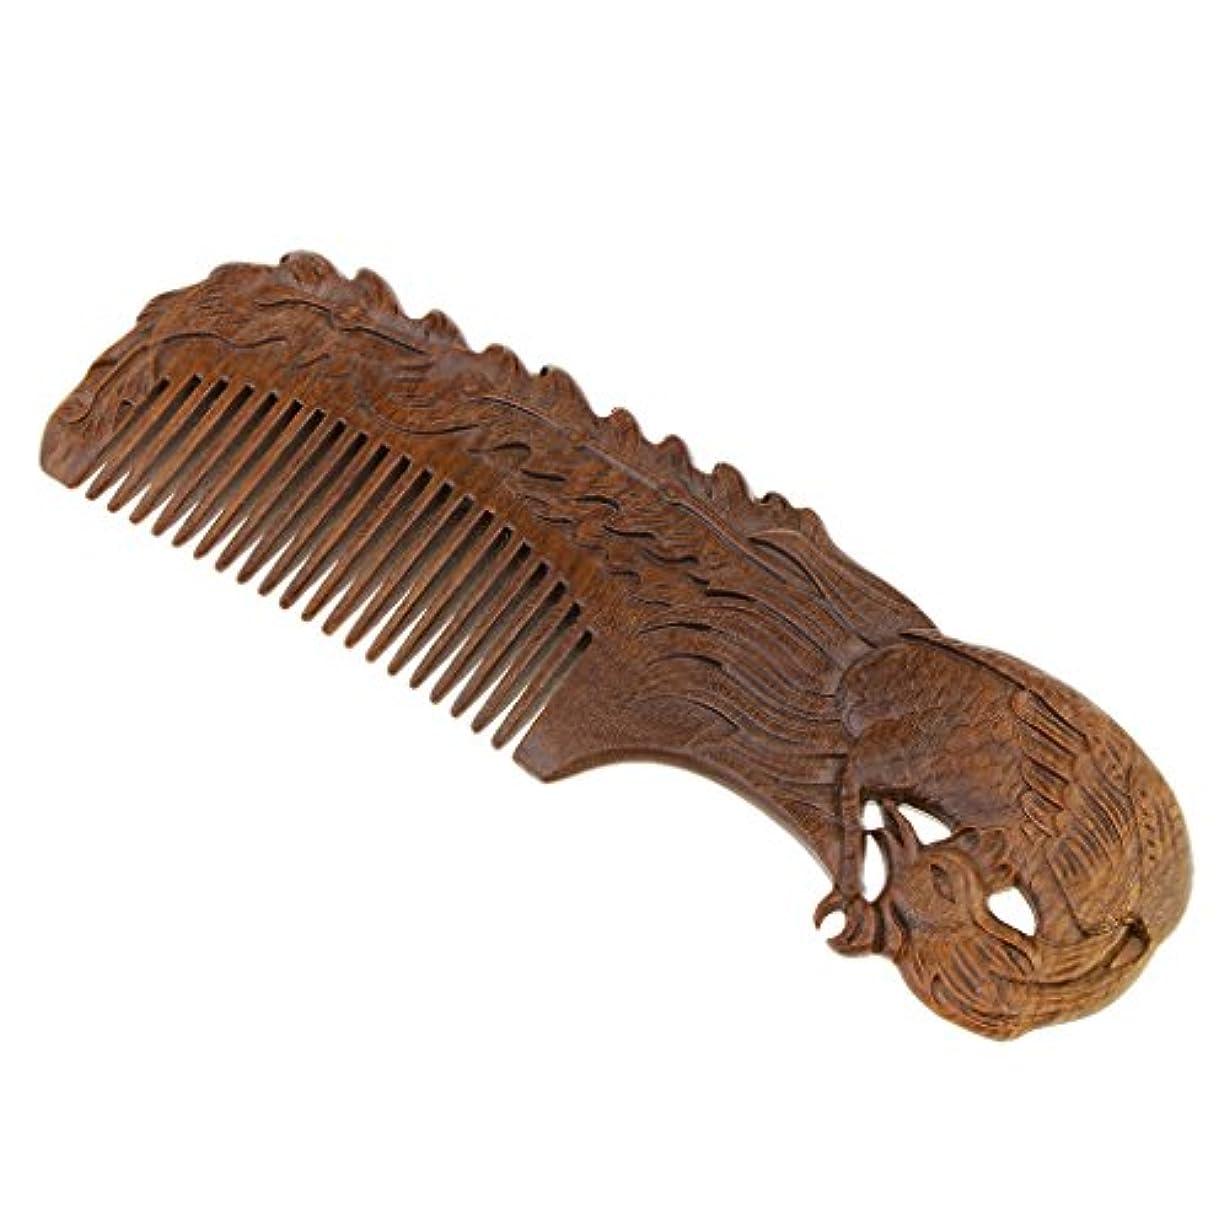 入浴管理者卒業T TOOYFUL 全2種類 木製 櫛 ウッドコーム ヘアブラシ ヘアコーム 頭皮マッサージ ギフト - Phoenix